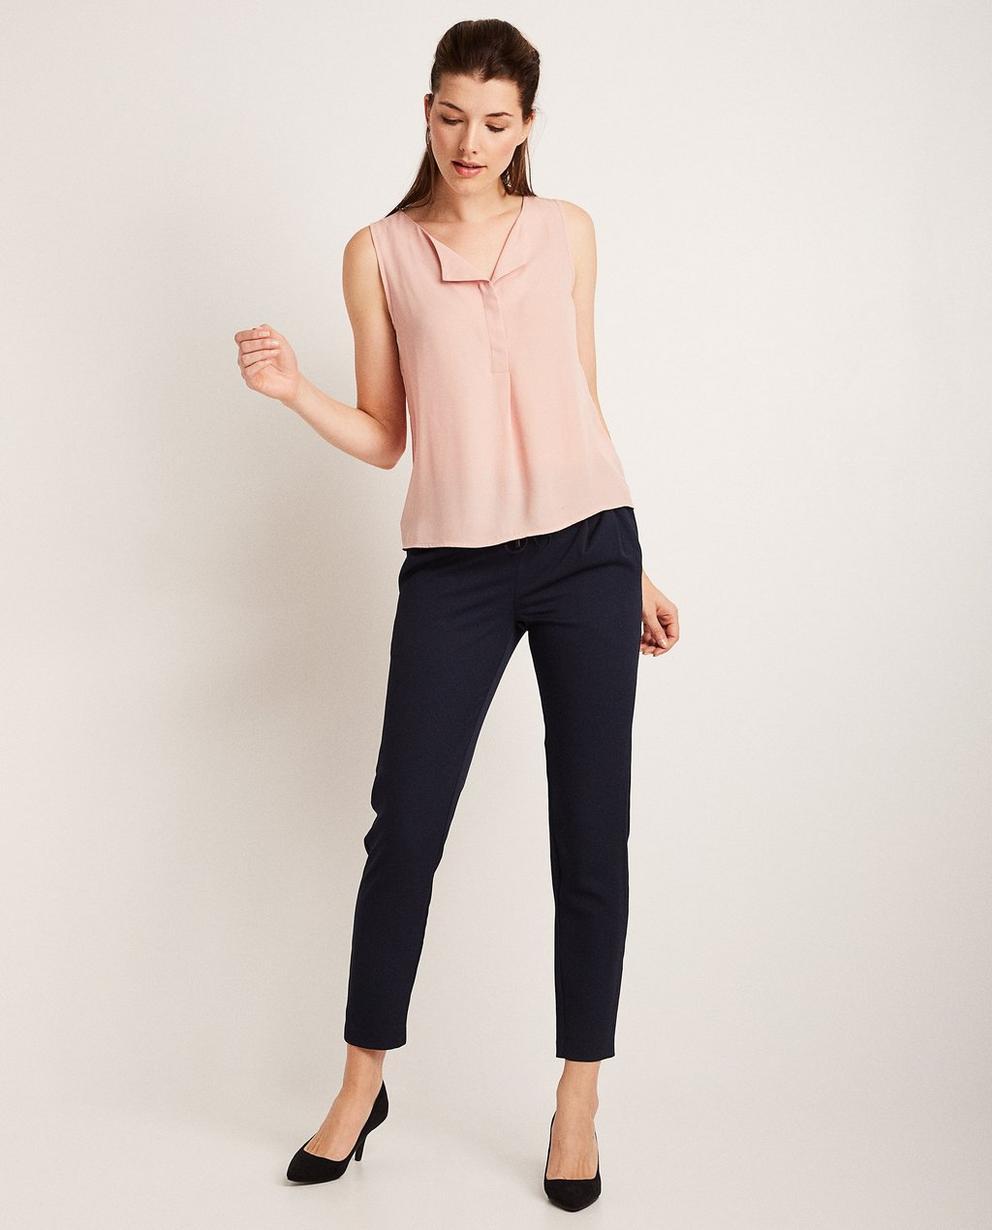 Pantalon souple - taille élastique - JBC